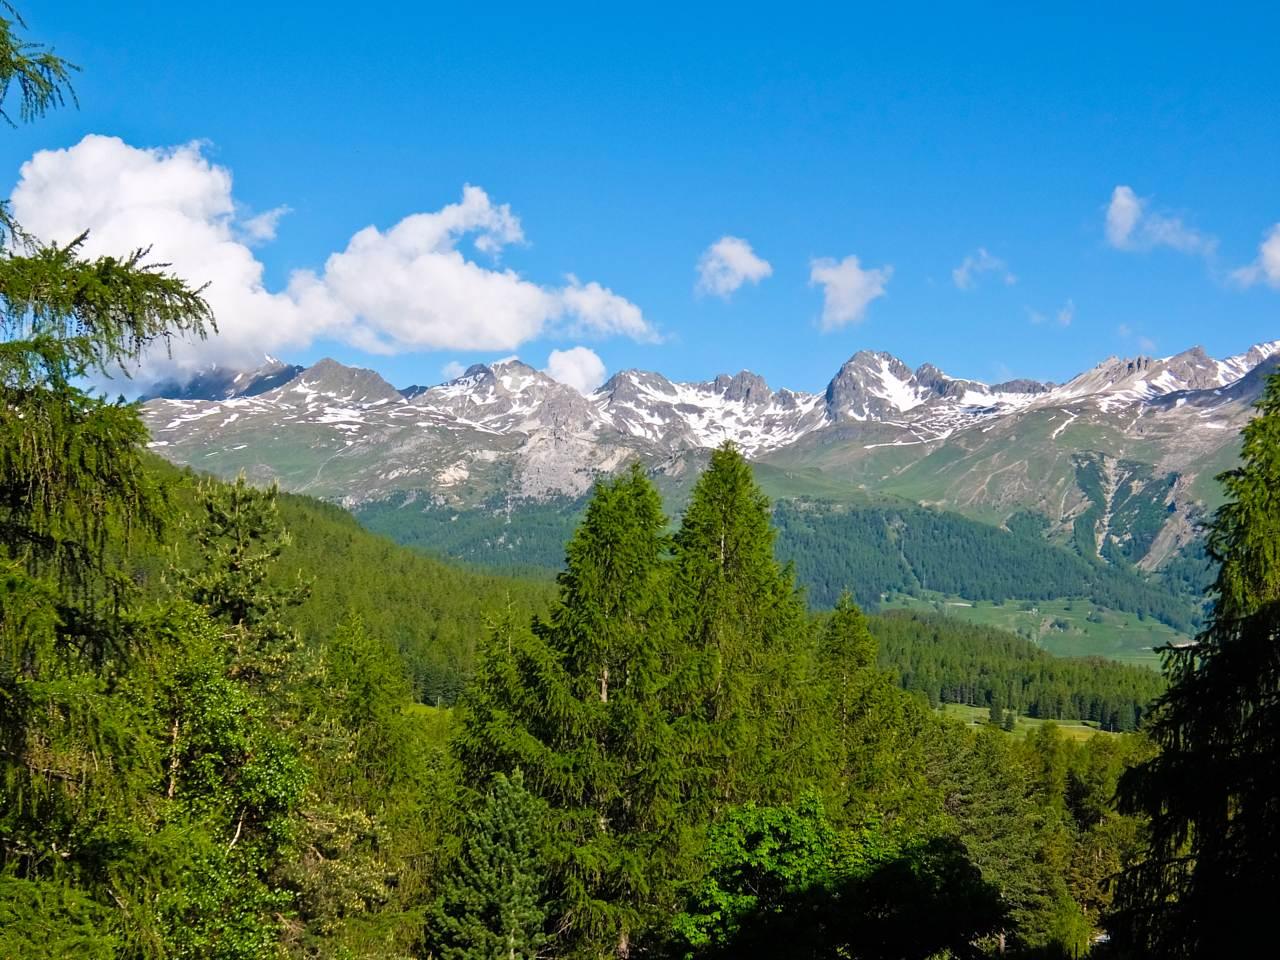 View from Pontresina  Over the Alps via Gotthard Bernina Circular Tour on the Bernina Express View from Pontresina